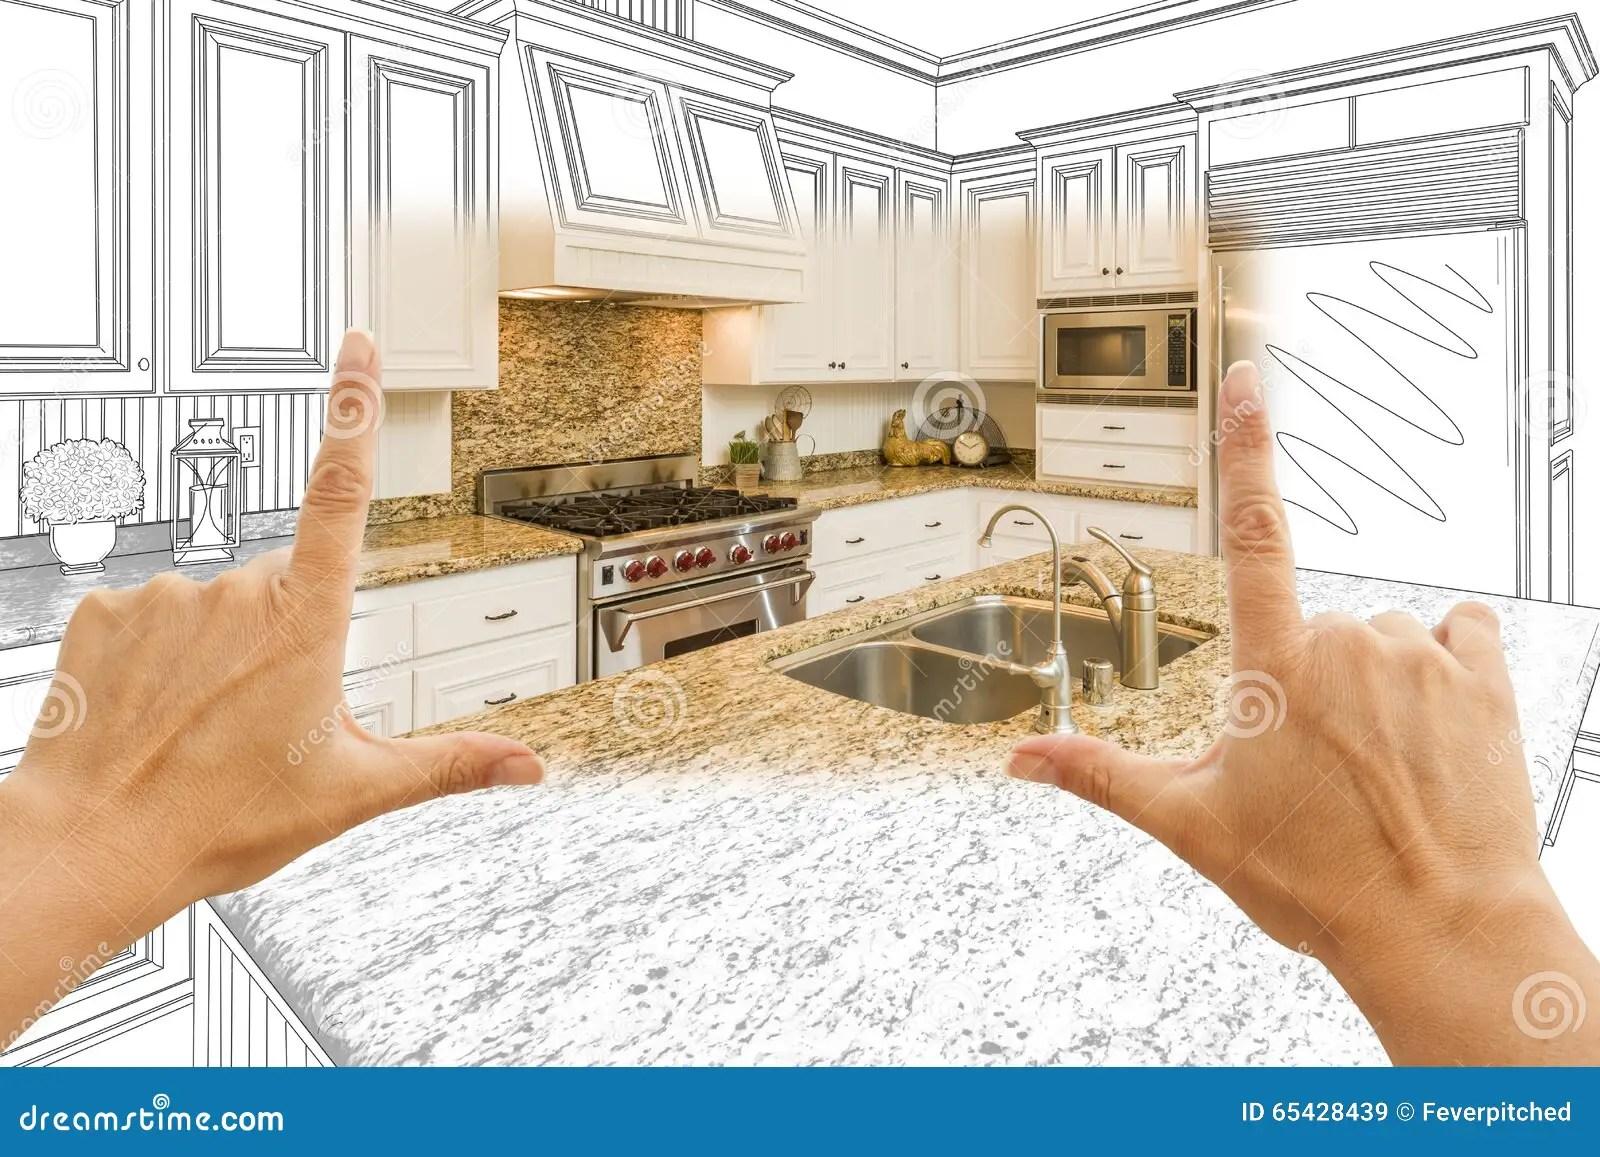 backyard kitchen designs prefab outdoor kitchens 构筑习惯厨房设计图和正方形照片com的手库存图片 图片包括有图纸 想法 构筑习惯厨房设计图和正方形照片com的手